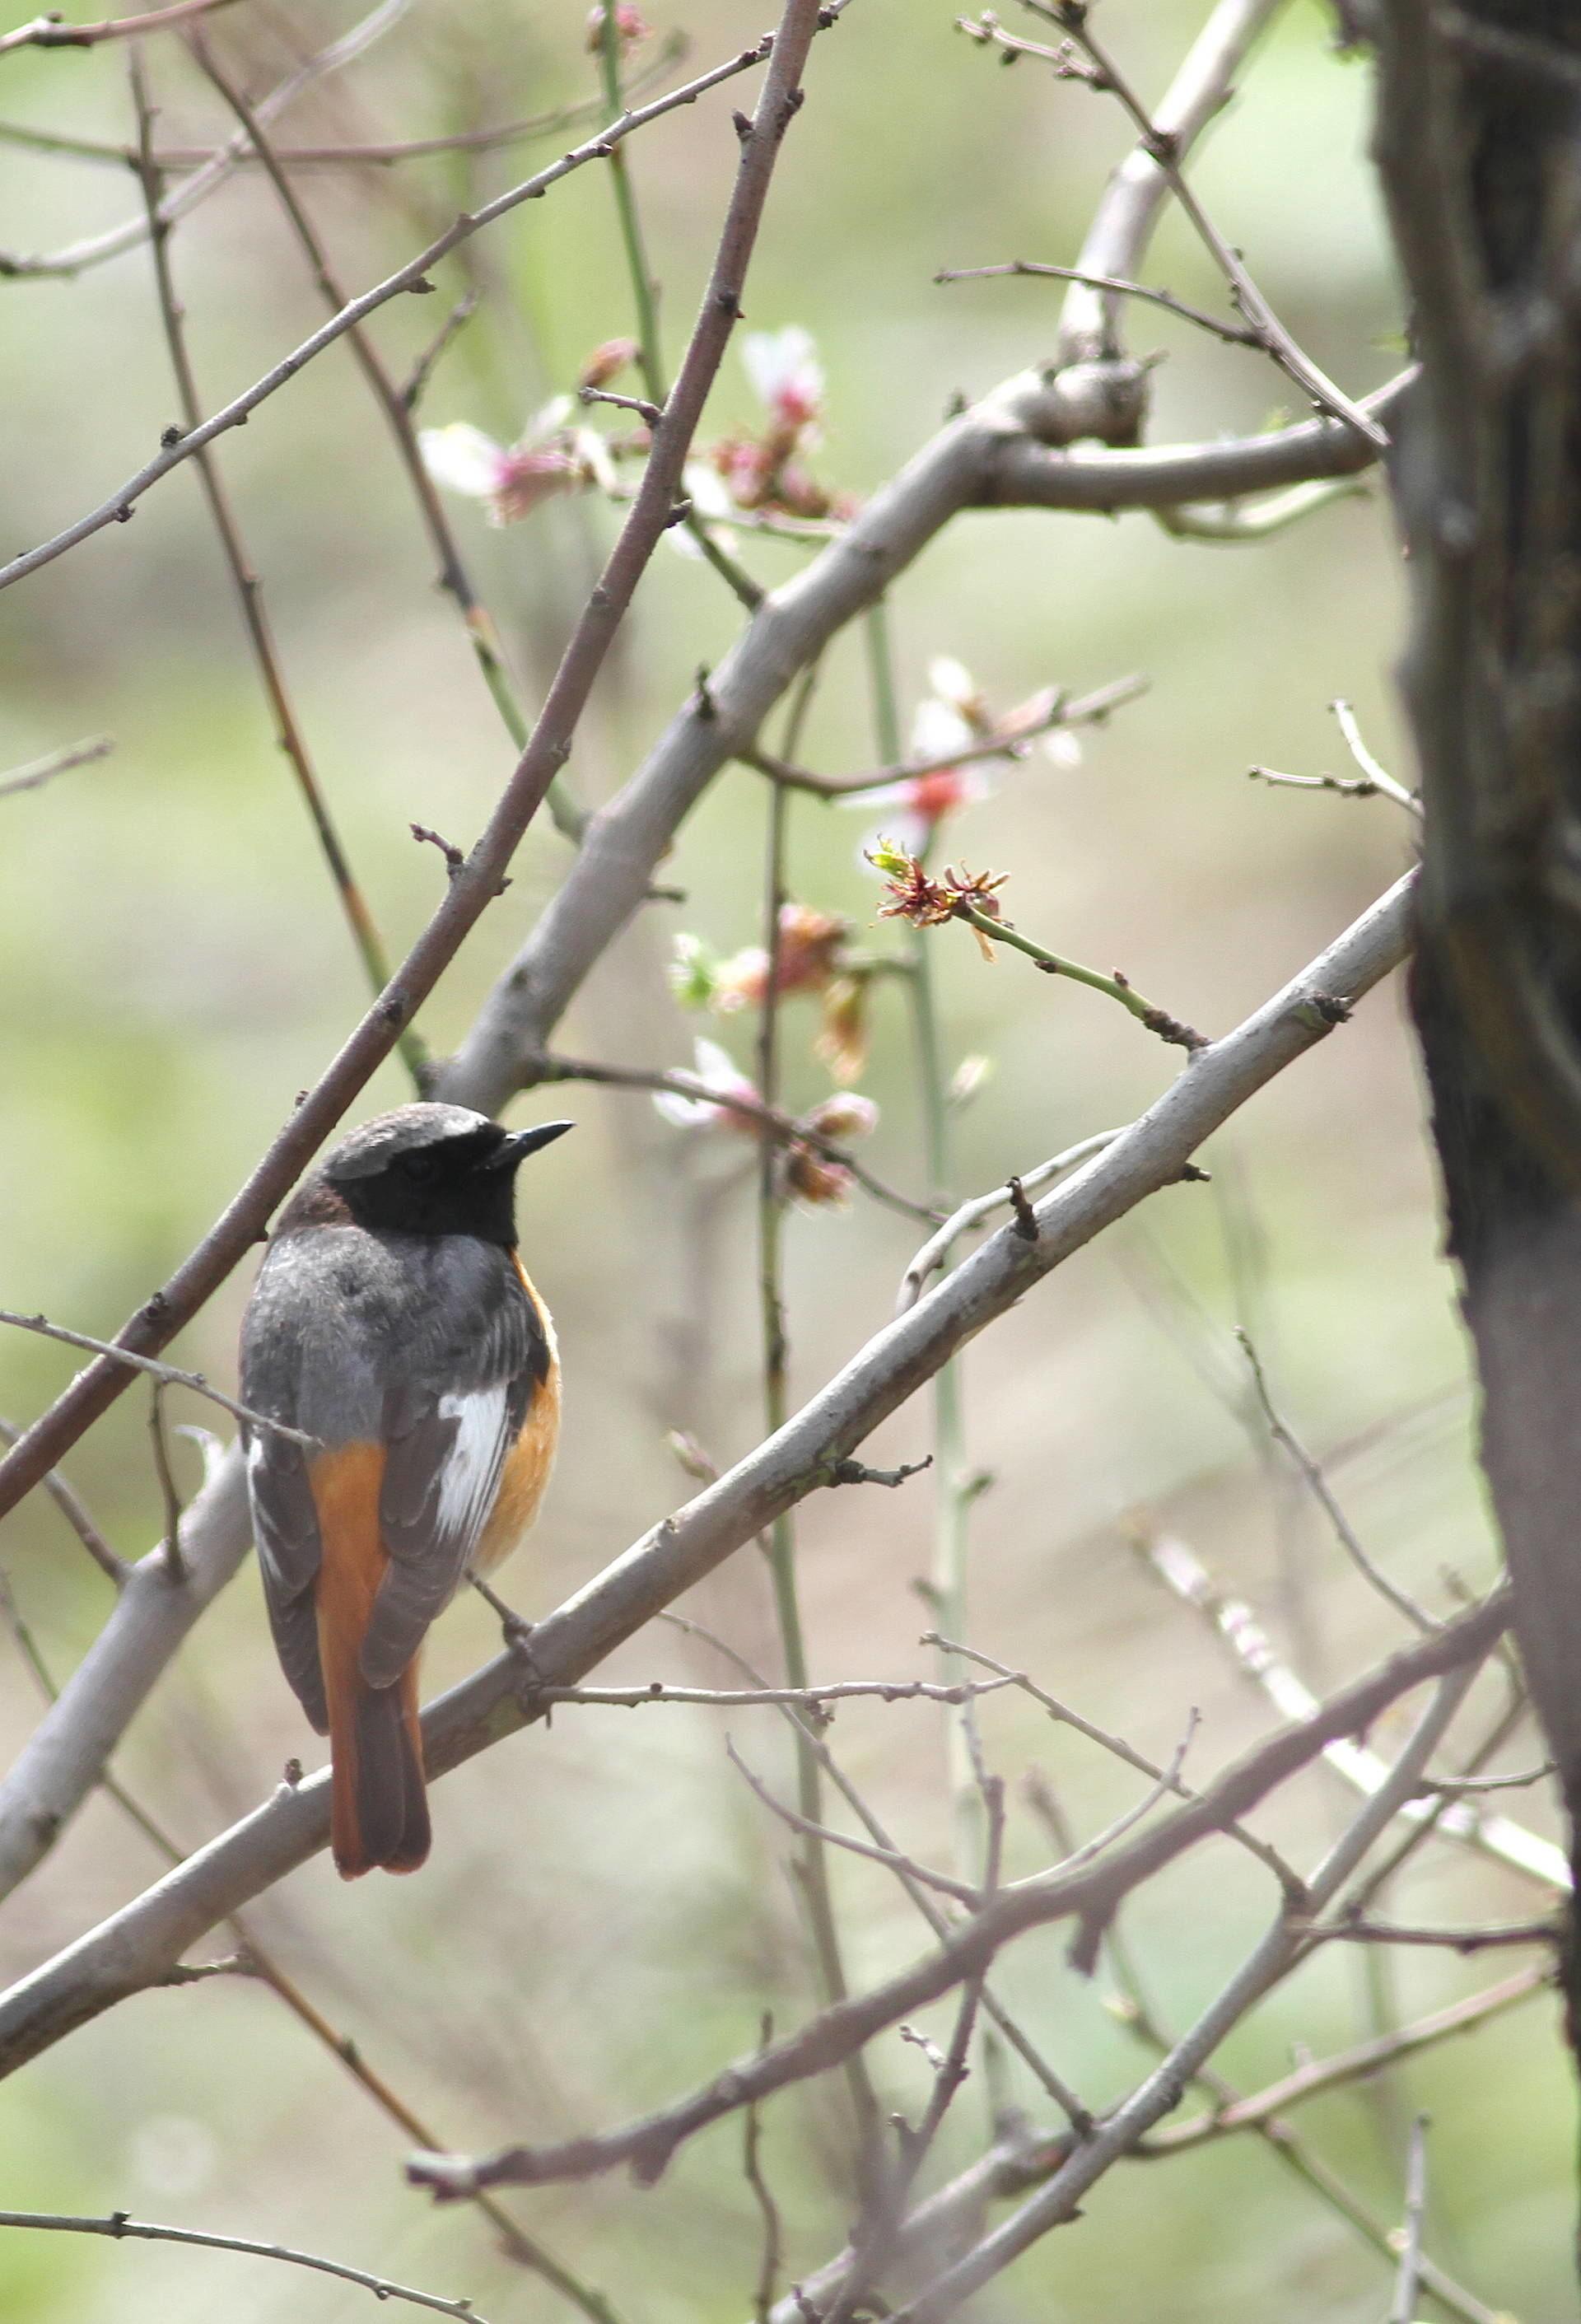 Common Redstart Phoenicurus phoenicurus samamiscus